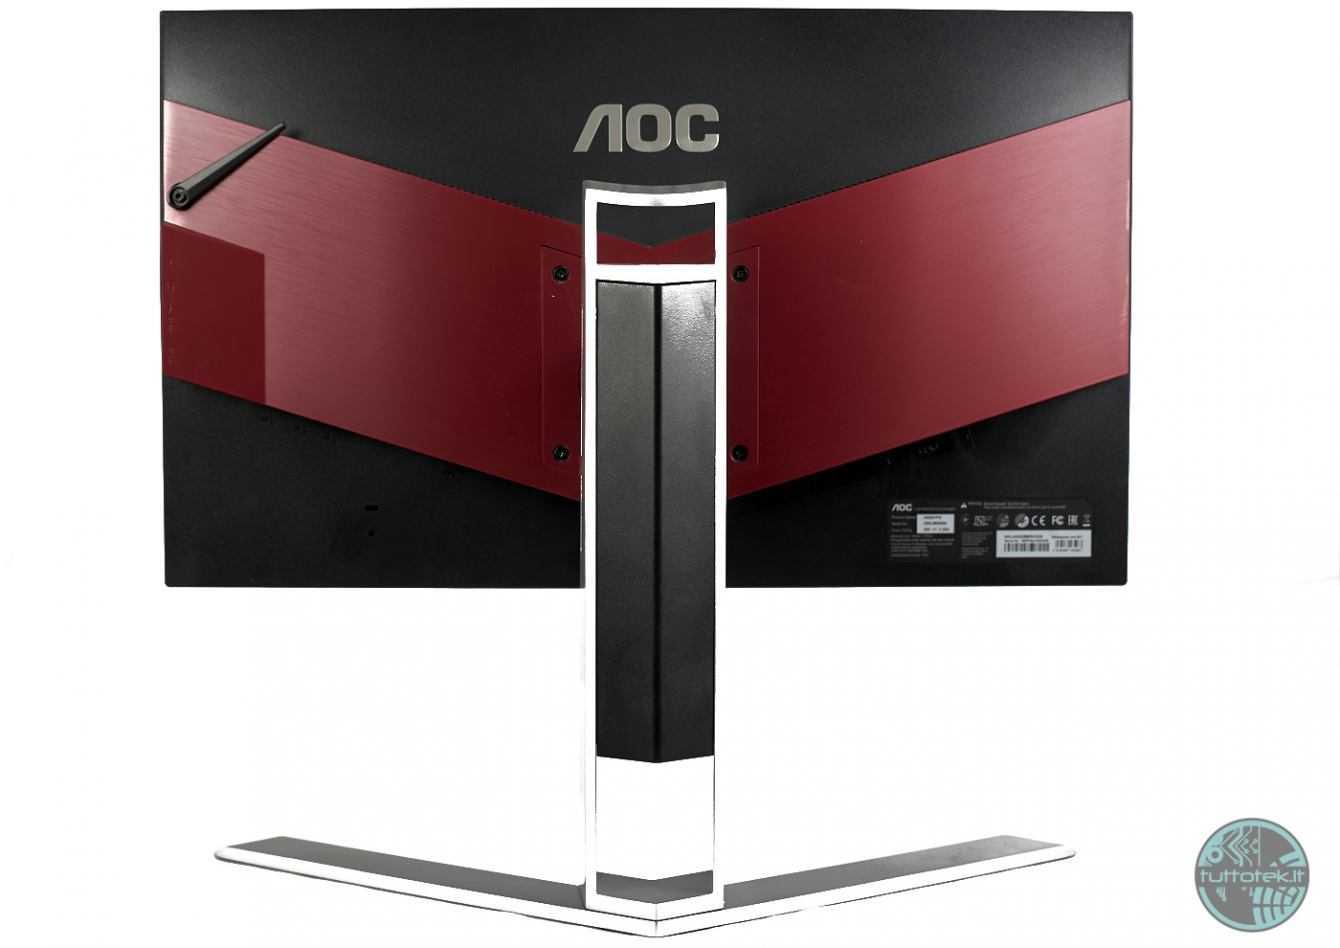 Recensione AOC Agon AG251FG: test e calibrazione superati?